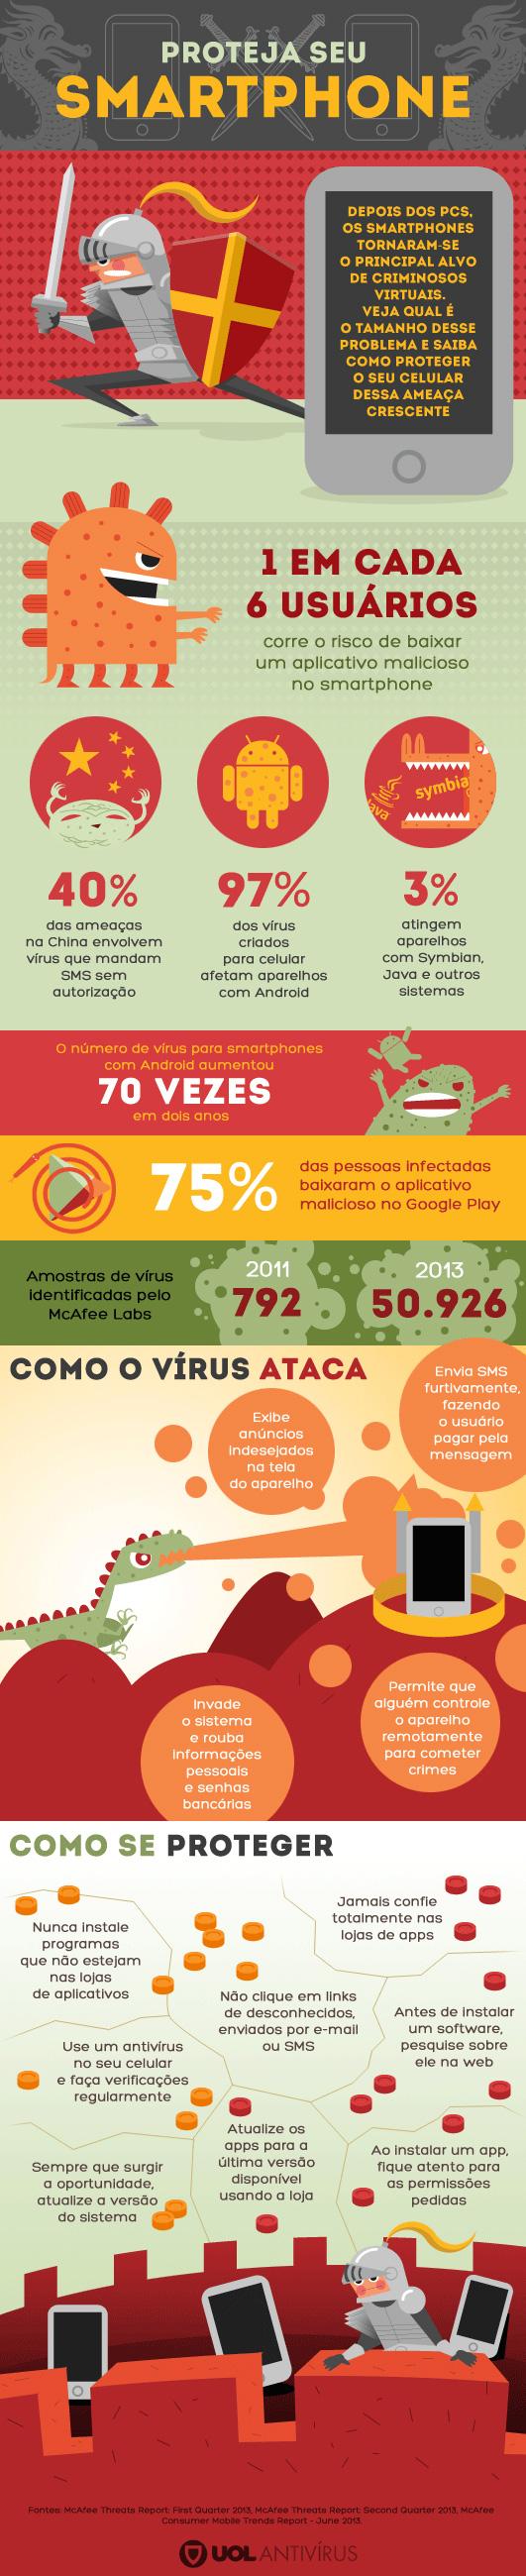 Fonte: http://seguranca.uol.com.br/antivirus/infograficos/proteja-seu-smartphone.html